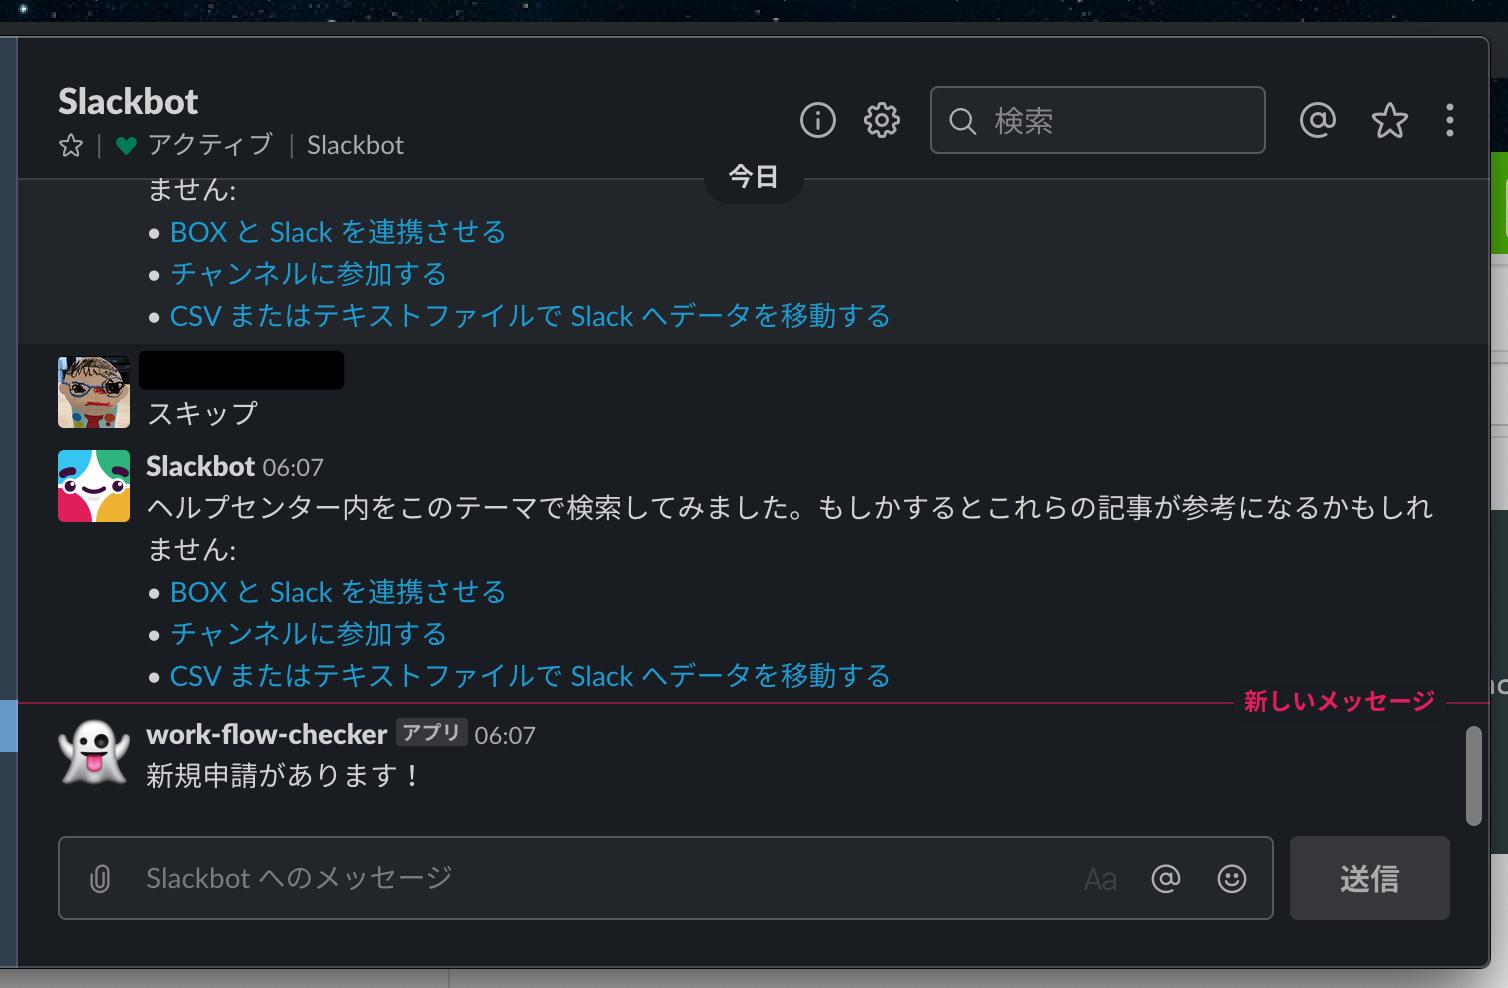 Slack___Slackbot___PRO-D-Sol_と_「サイボウズOfficeのワークフローをPuppeteerでSlackに通知してみた」を編集_-_Qiita.png